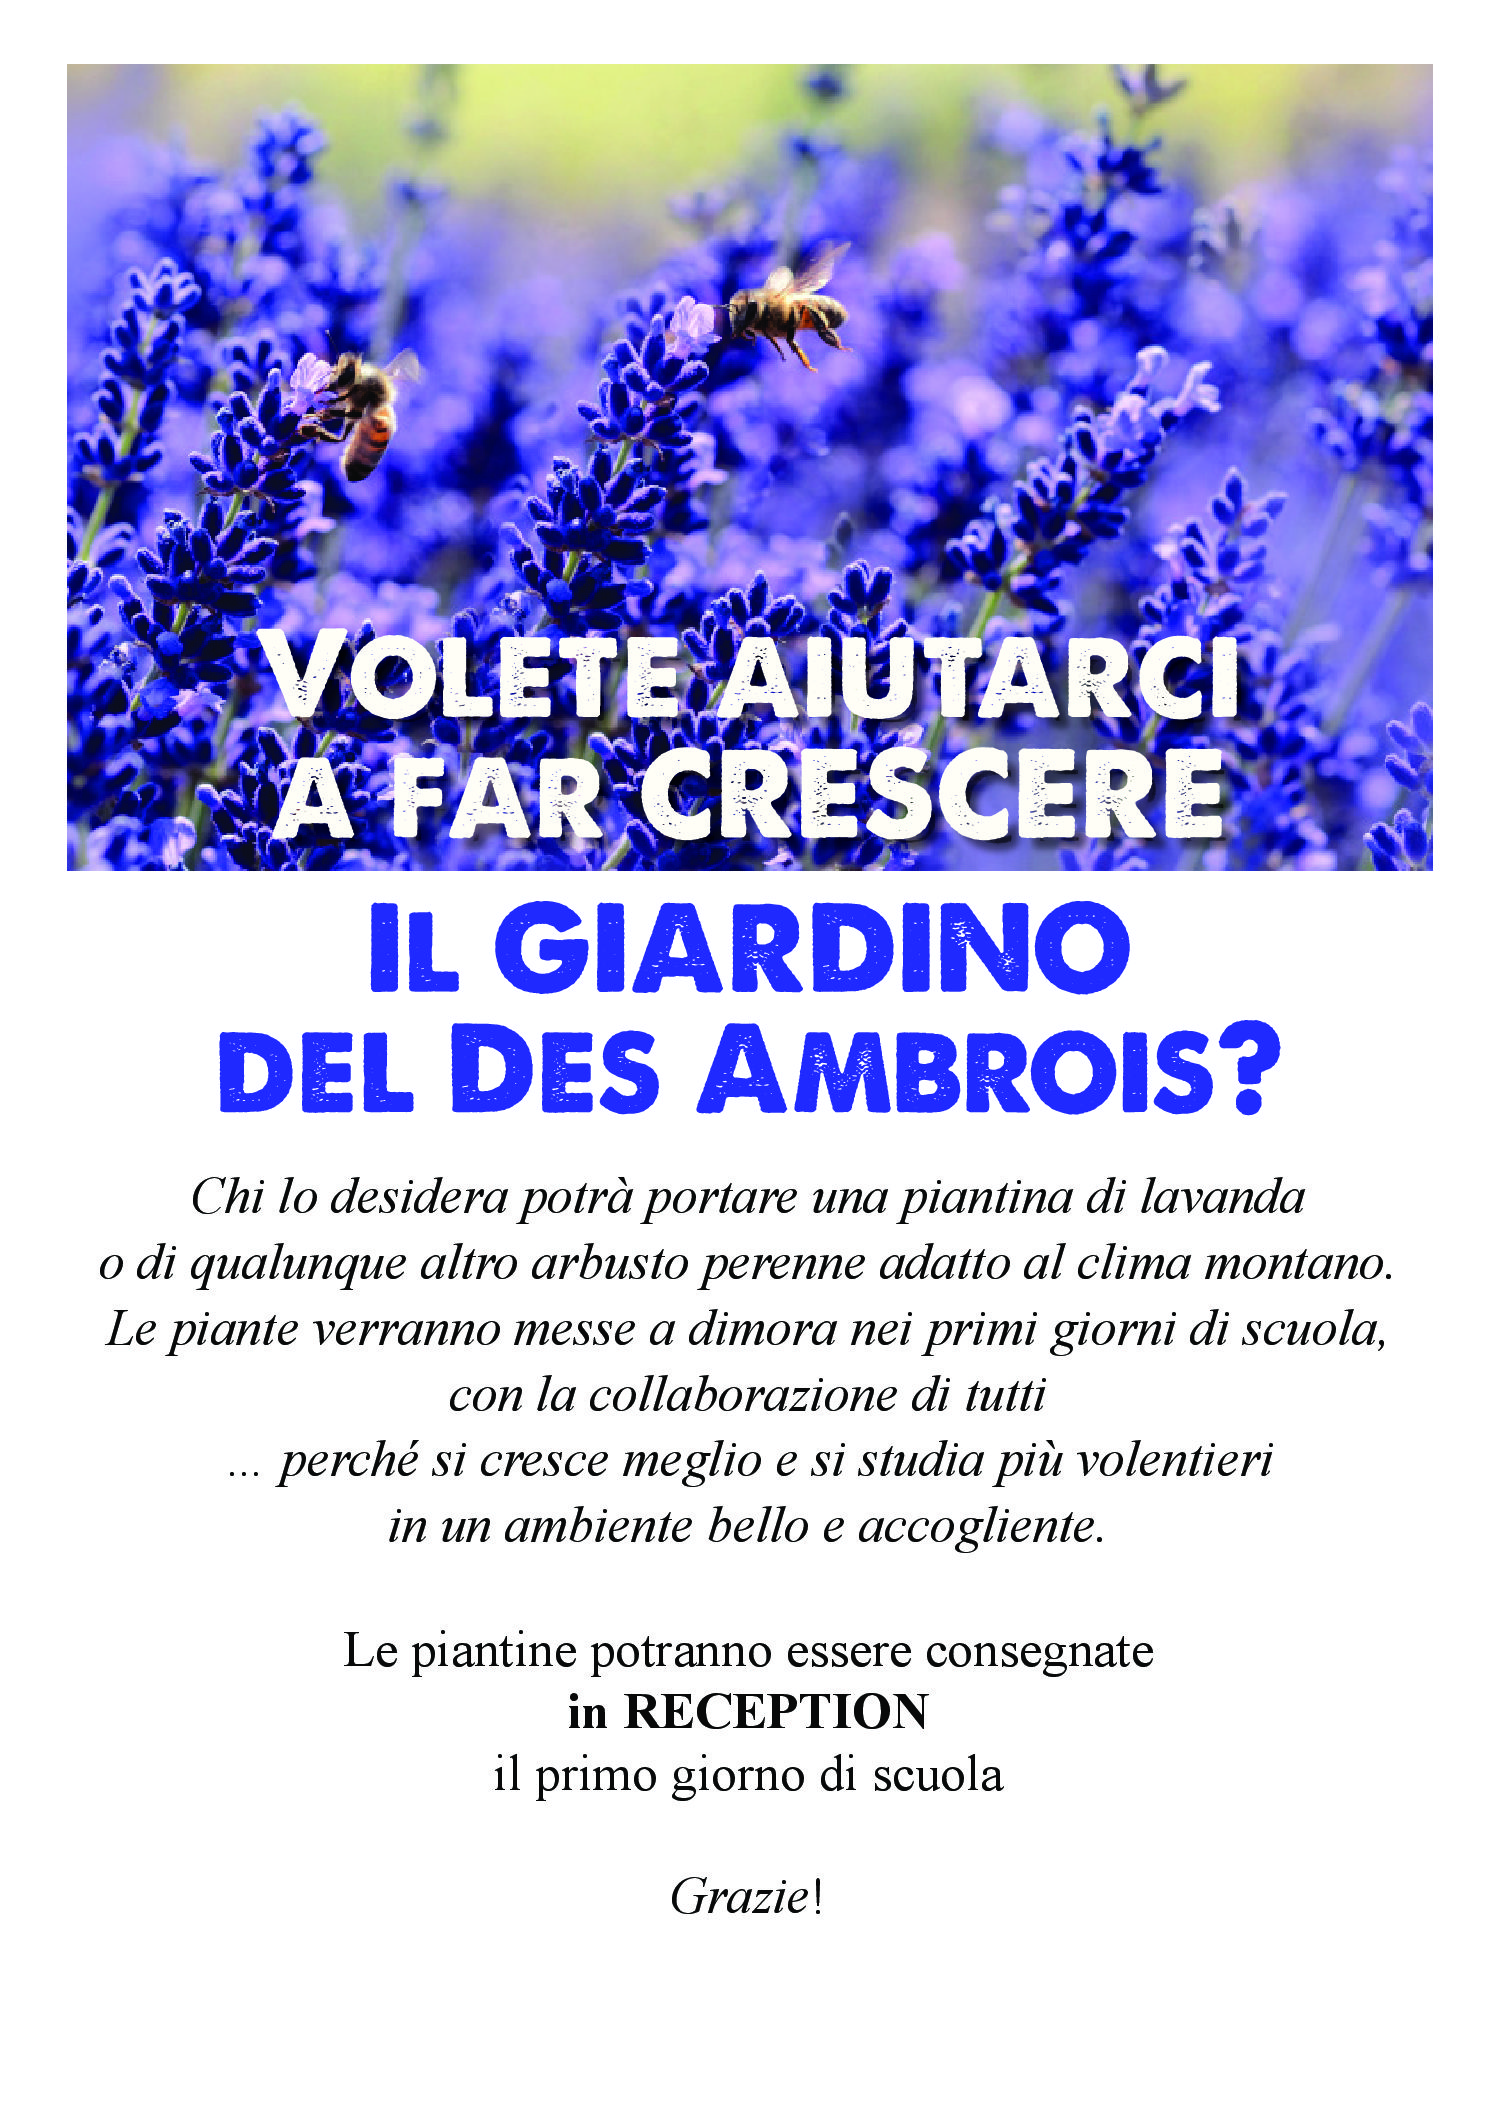 Il giardino del Des Ambrois sta crescendo.  Un GRAZIE al Consorzio Forestale per la costante collaborazione! Volete aiutarci anche voi a  farlo crescere?